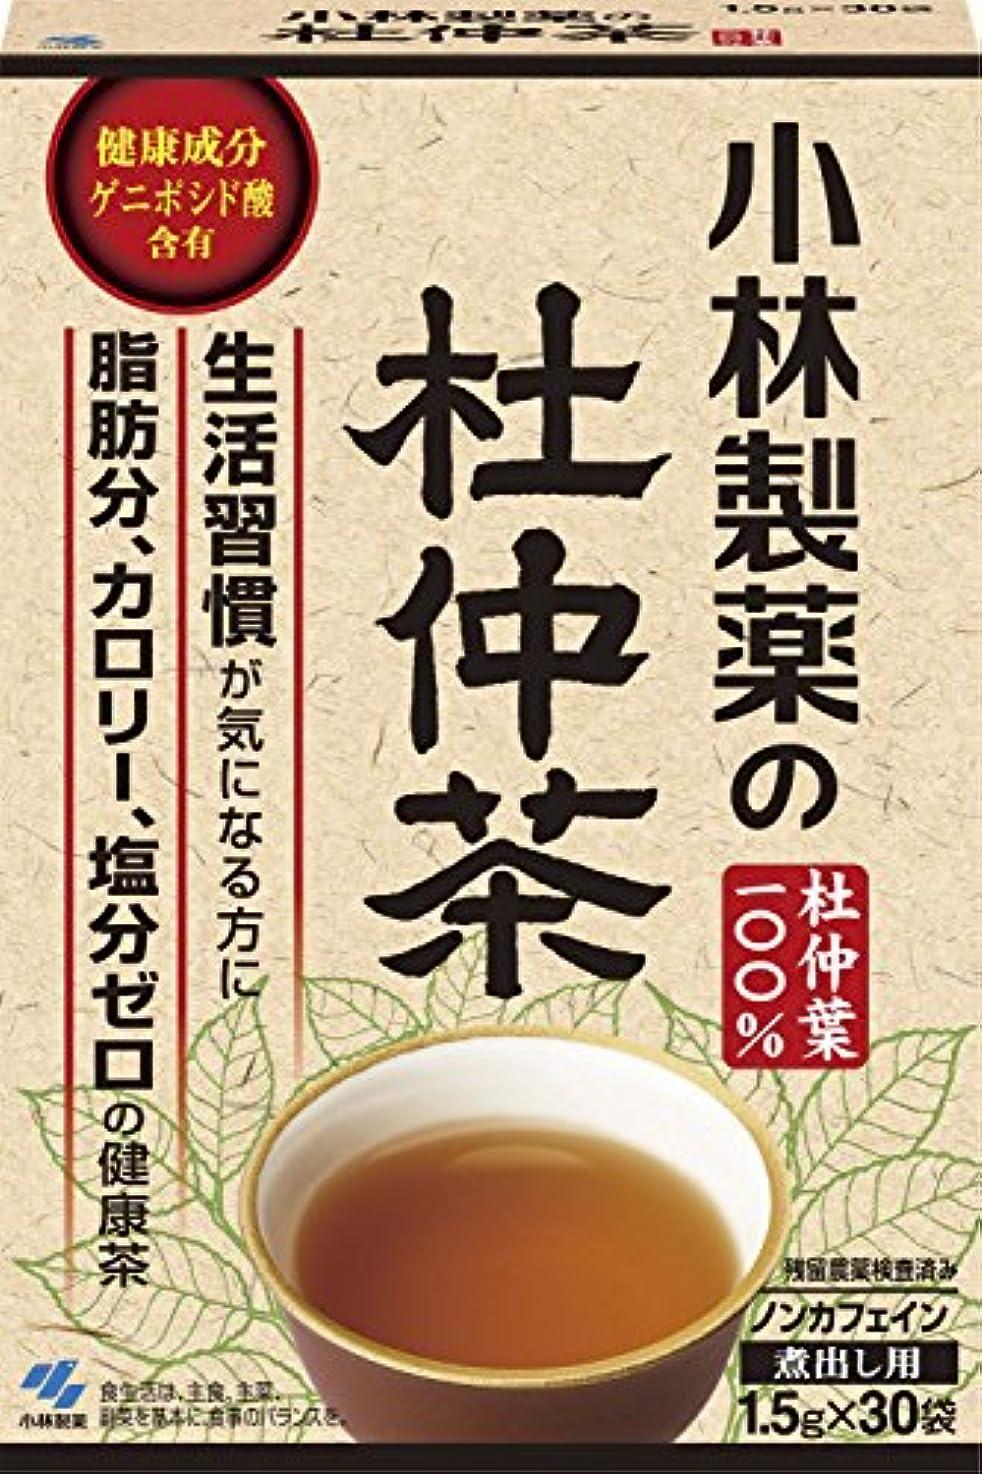 しばしば信頼性のある頼る小林製薬の杜仲茶 (煮出し用) 1.5g×30袋